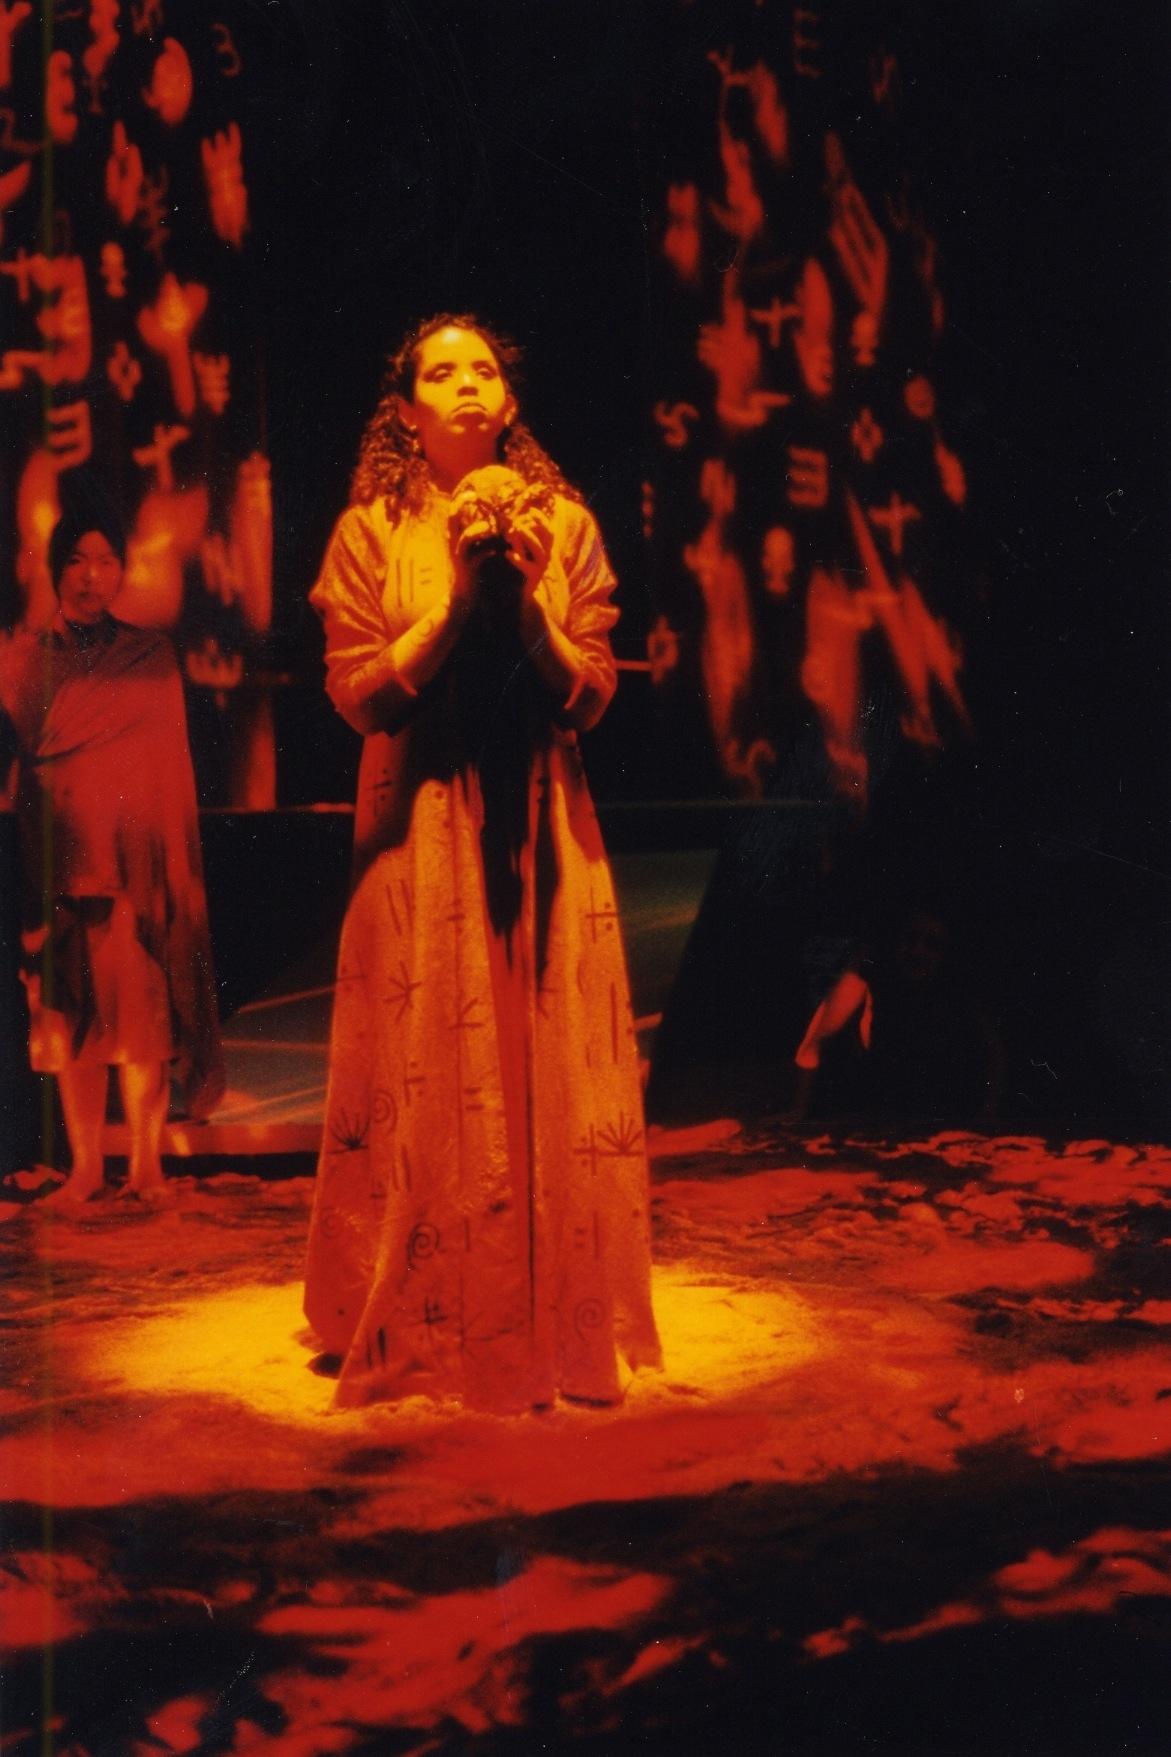 Caroline Taylor Medea 2002 a